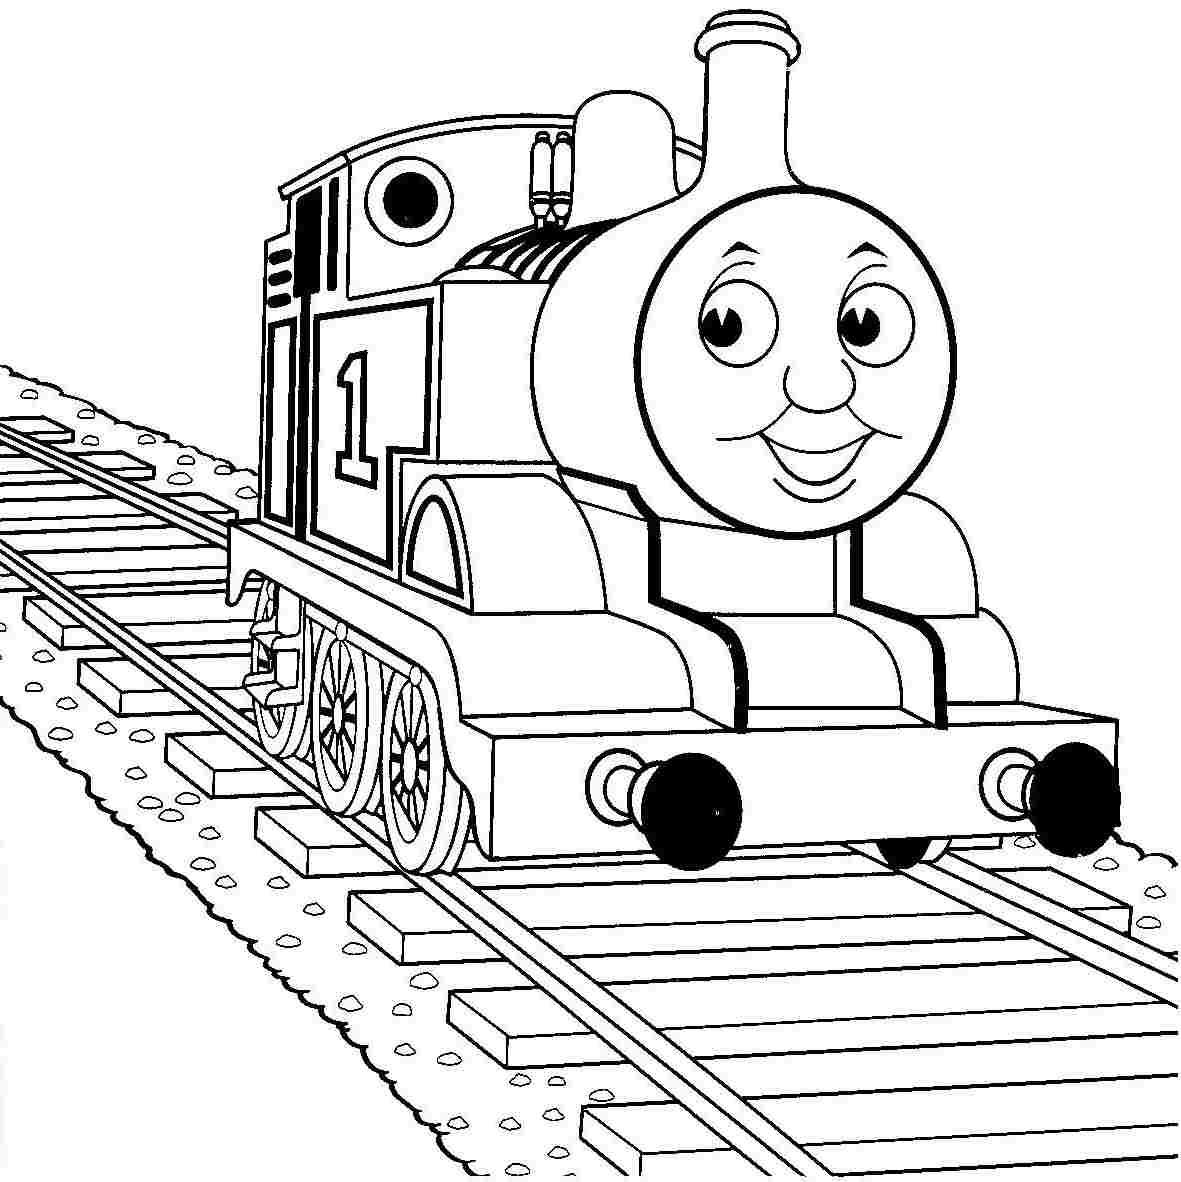 Train Drawing Image At Getdrawings